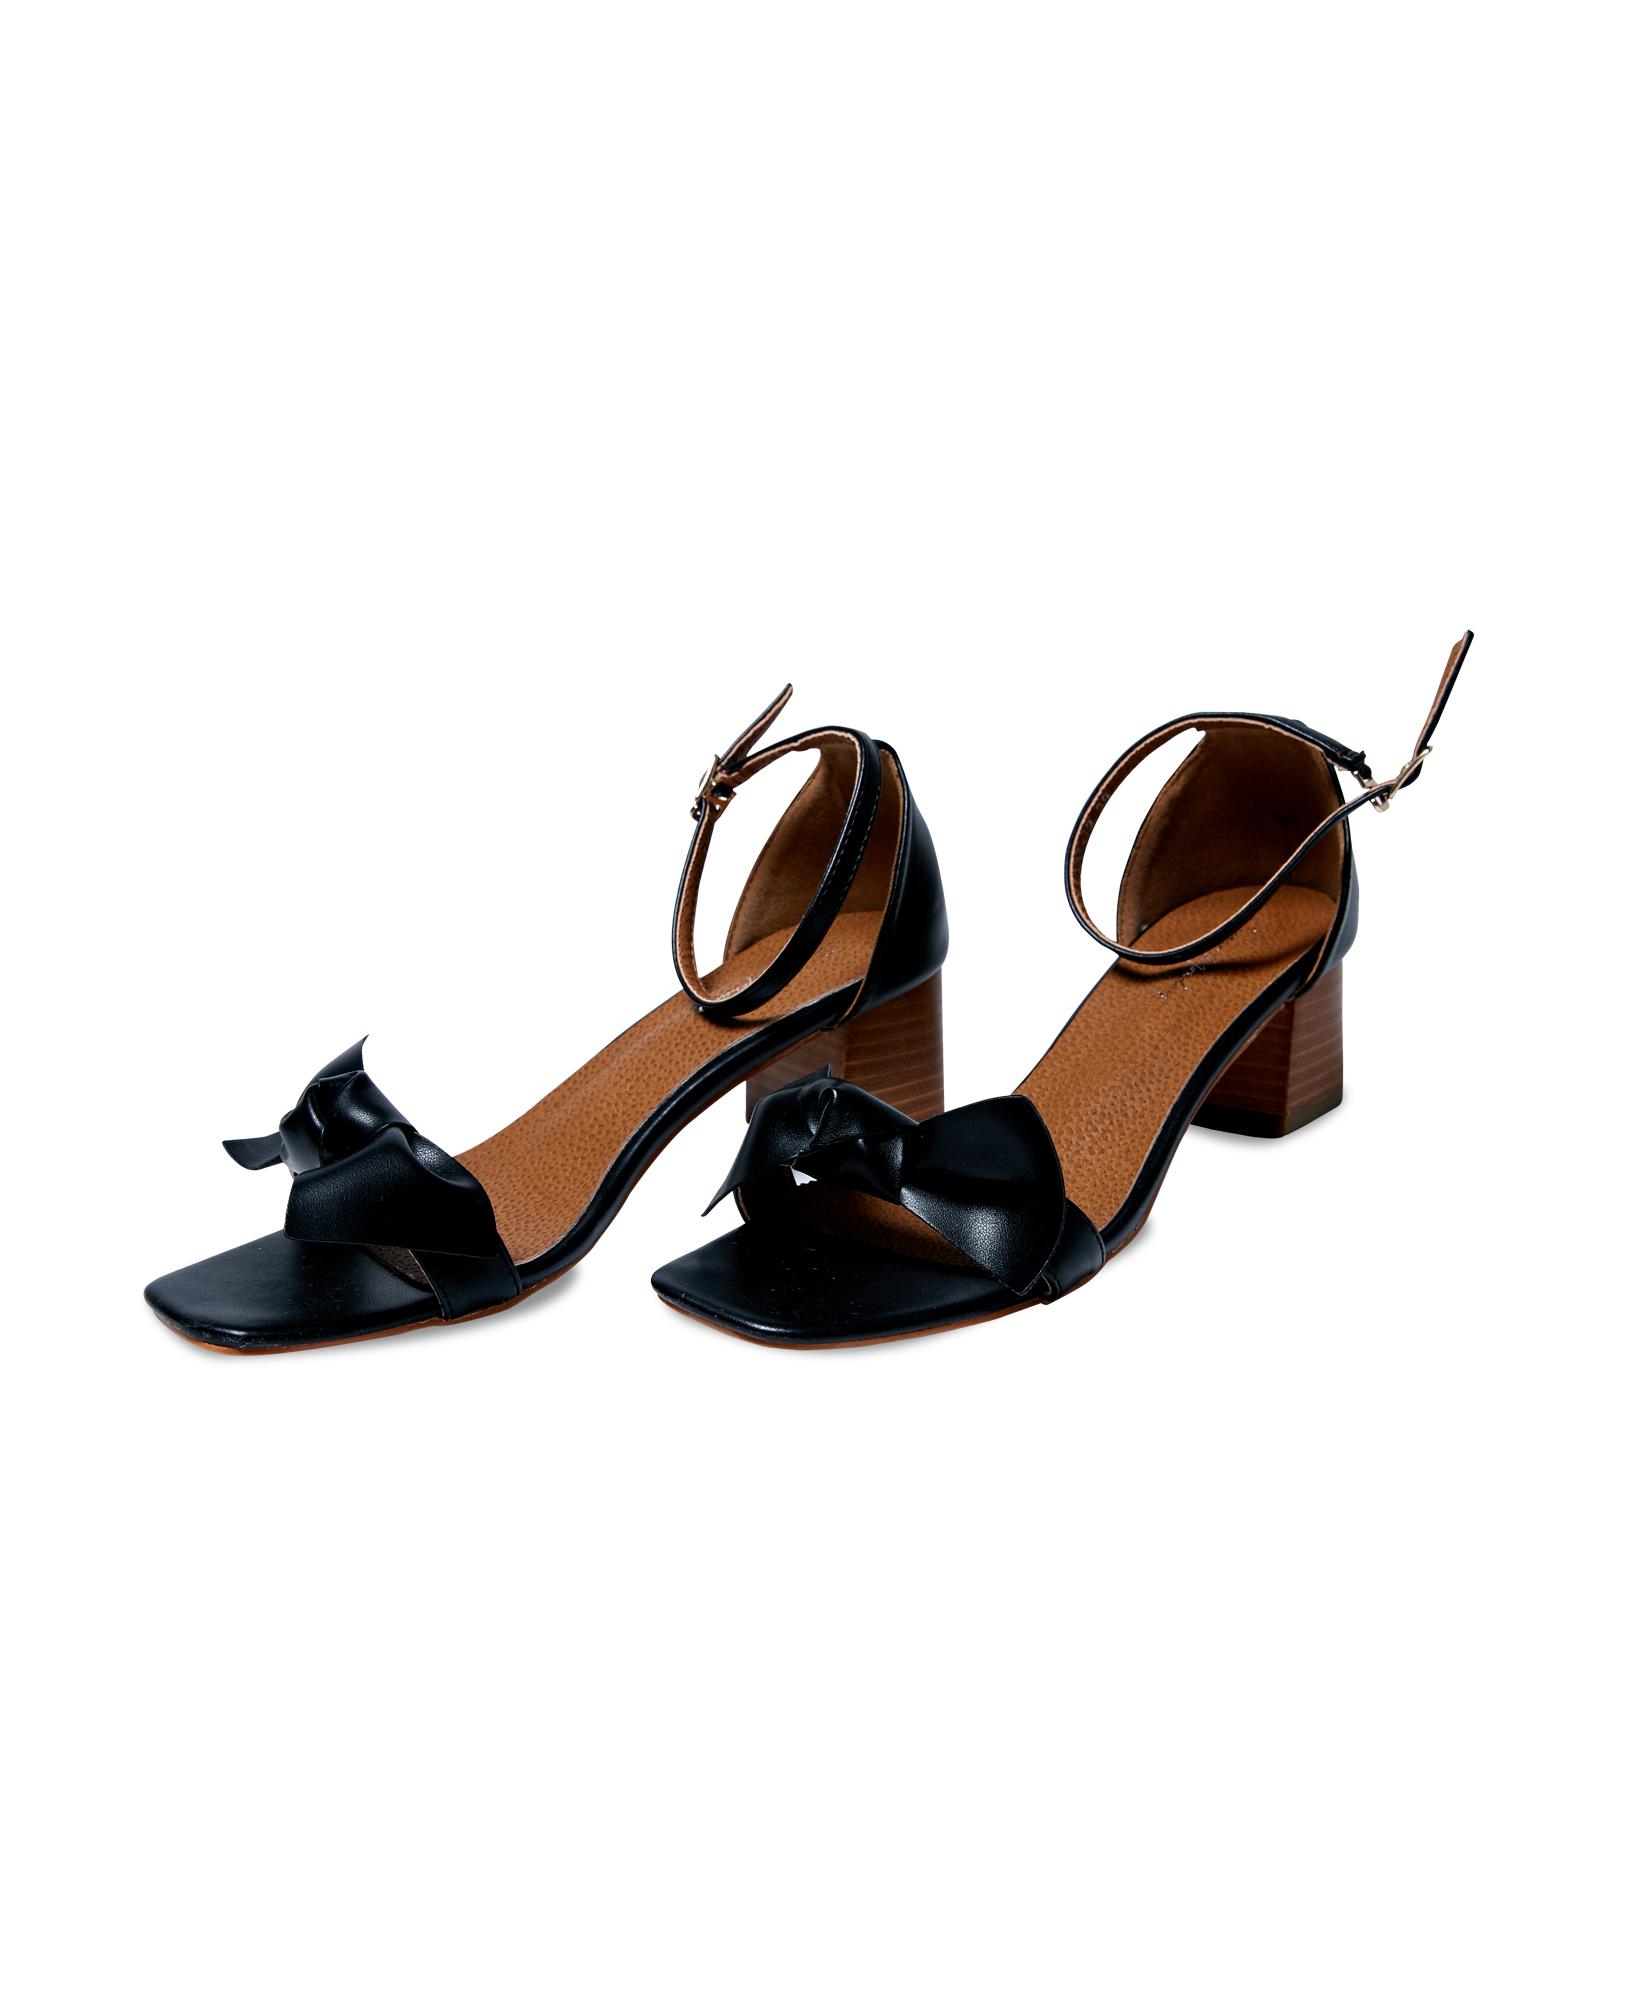 รองเท้า,รองเท้าผู้หญิง,รองเท้ารัดส้น,รองเท้าส้นสูง